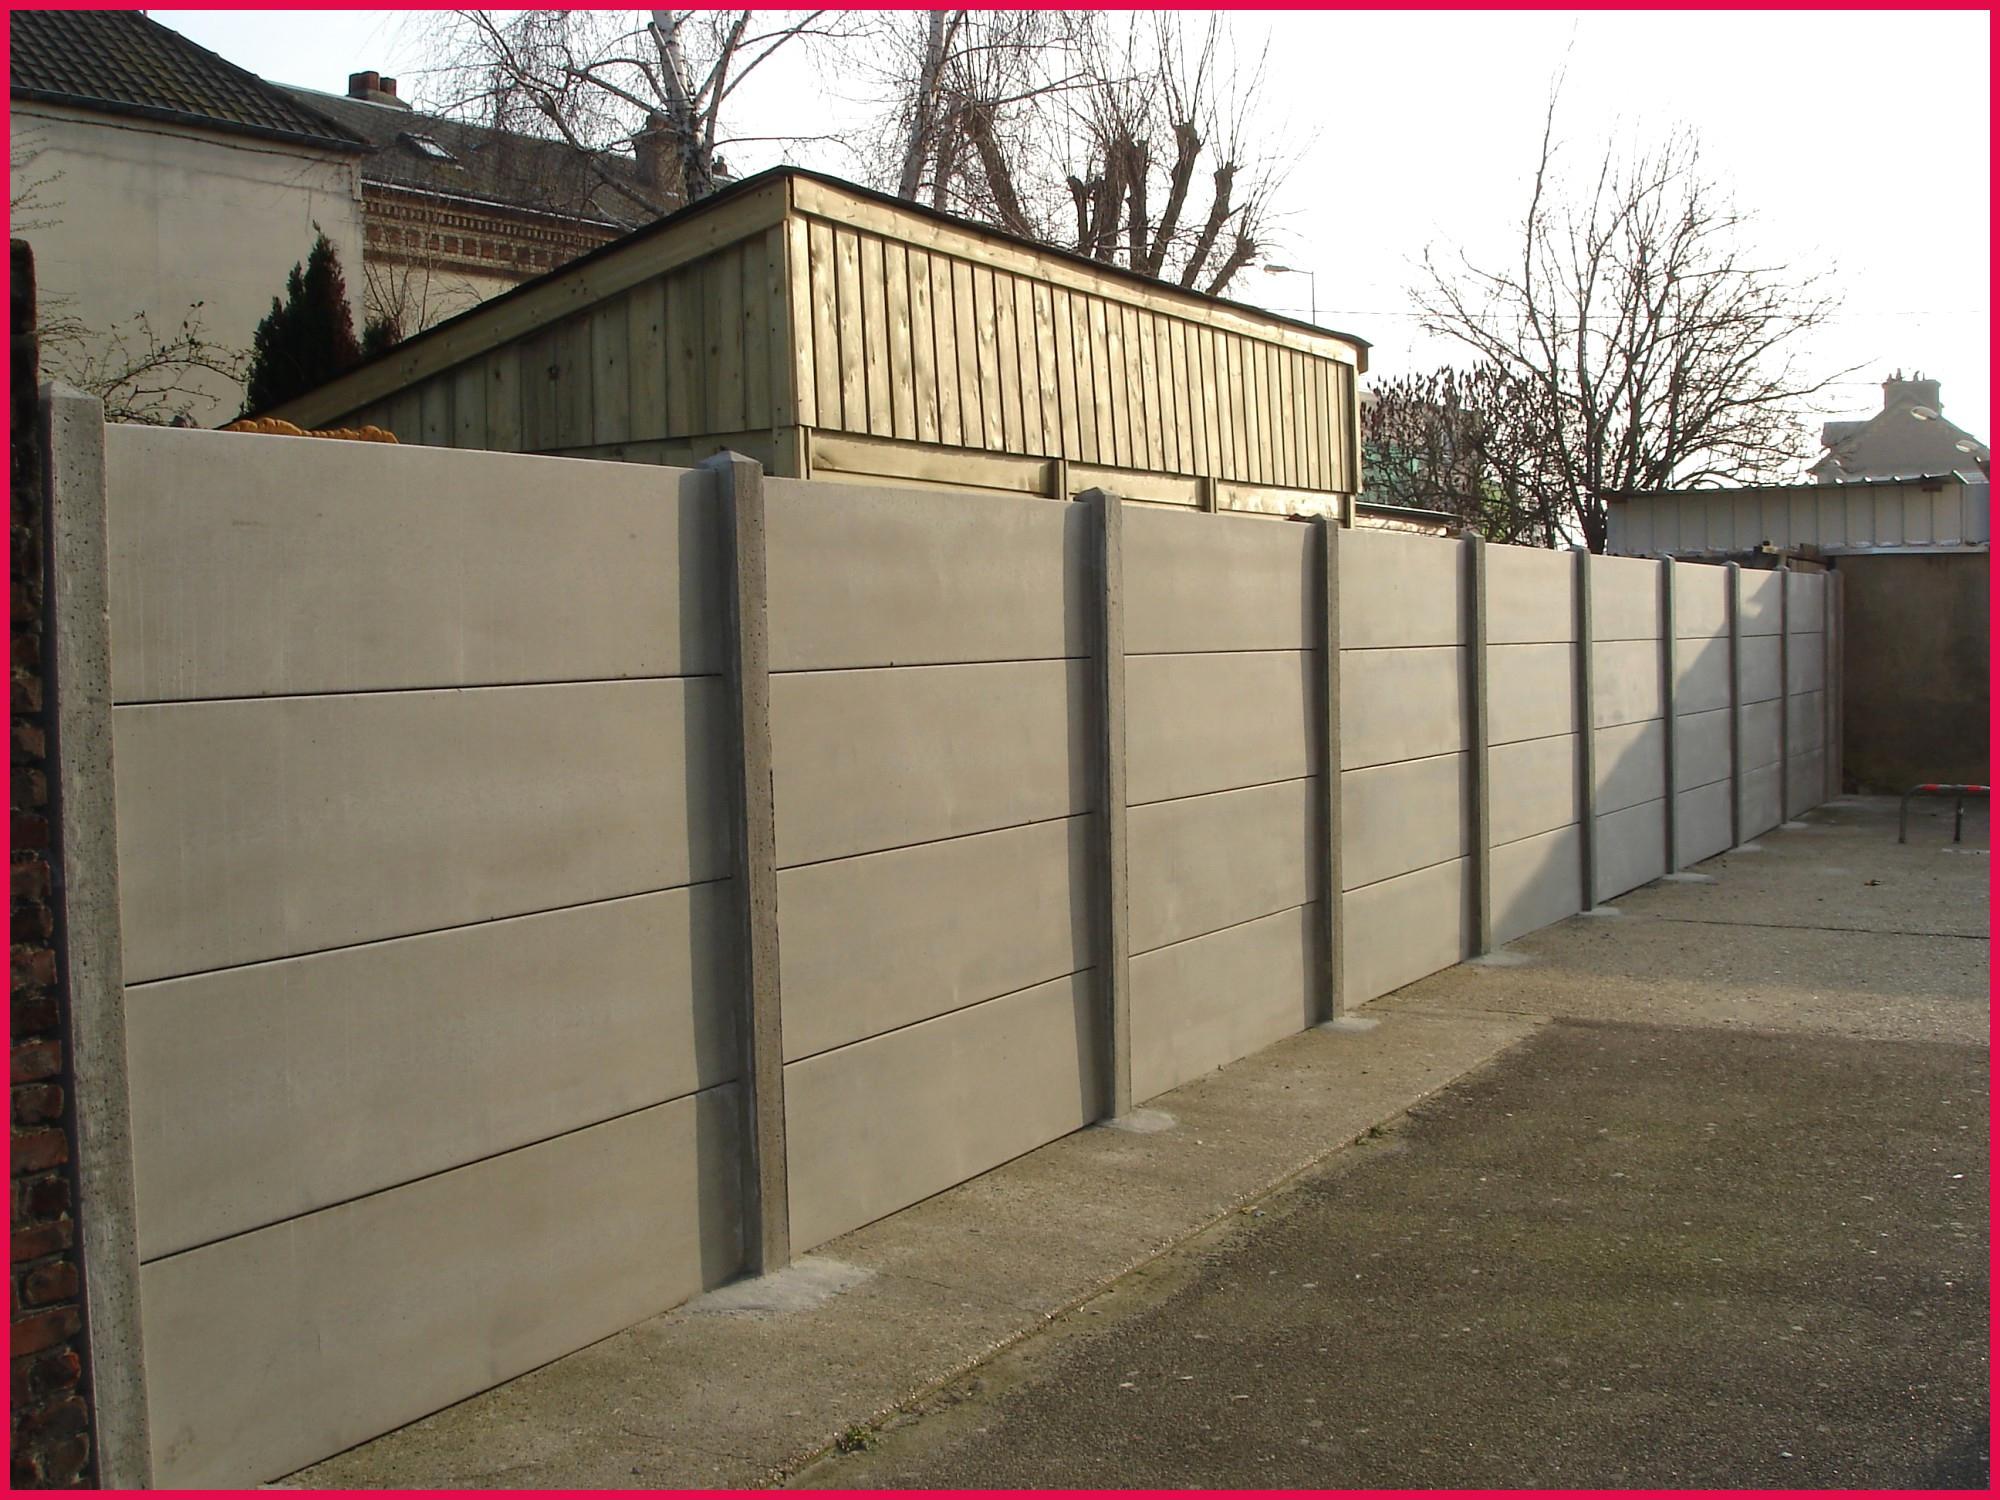 Bicarbonate De soude Brico Depot Beau Images Site Brico Depot Aimant Brico Depot Nouveau Master Magnetics In